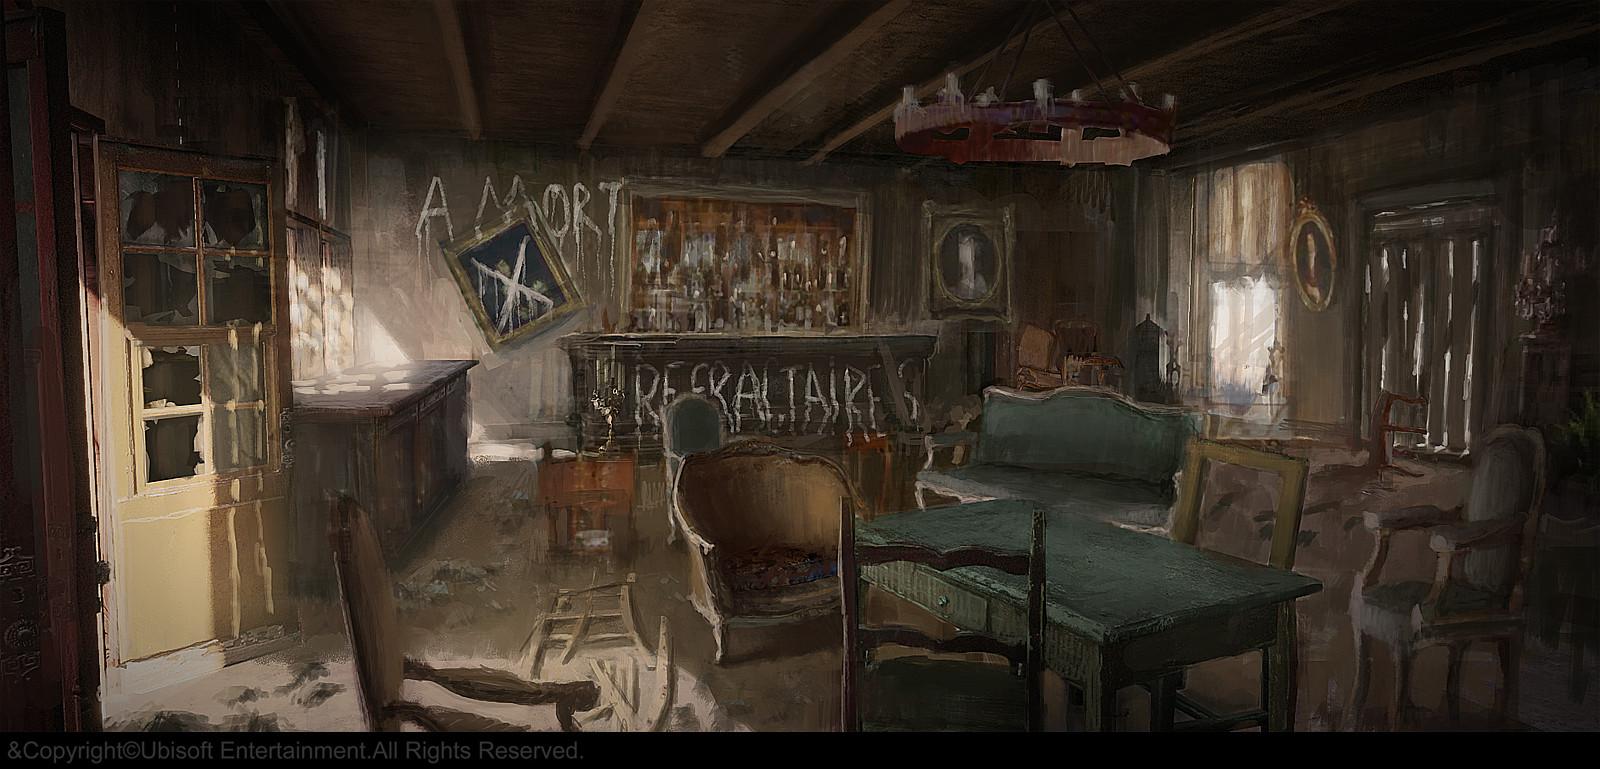 gilles-beloeil-acu-ev-rf-interieur-cafe-etat-1-gbeloeil.jpg